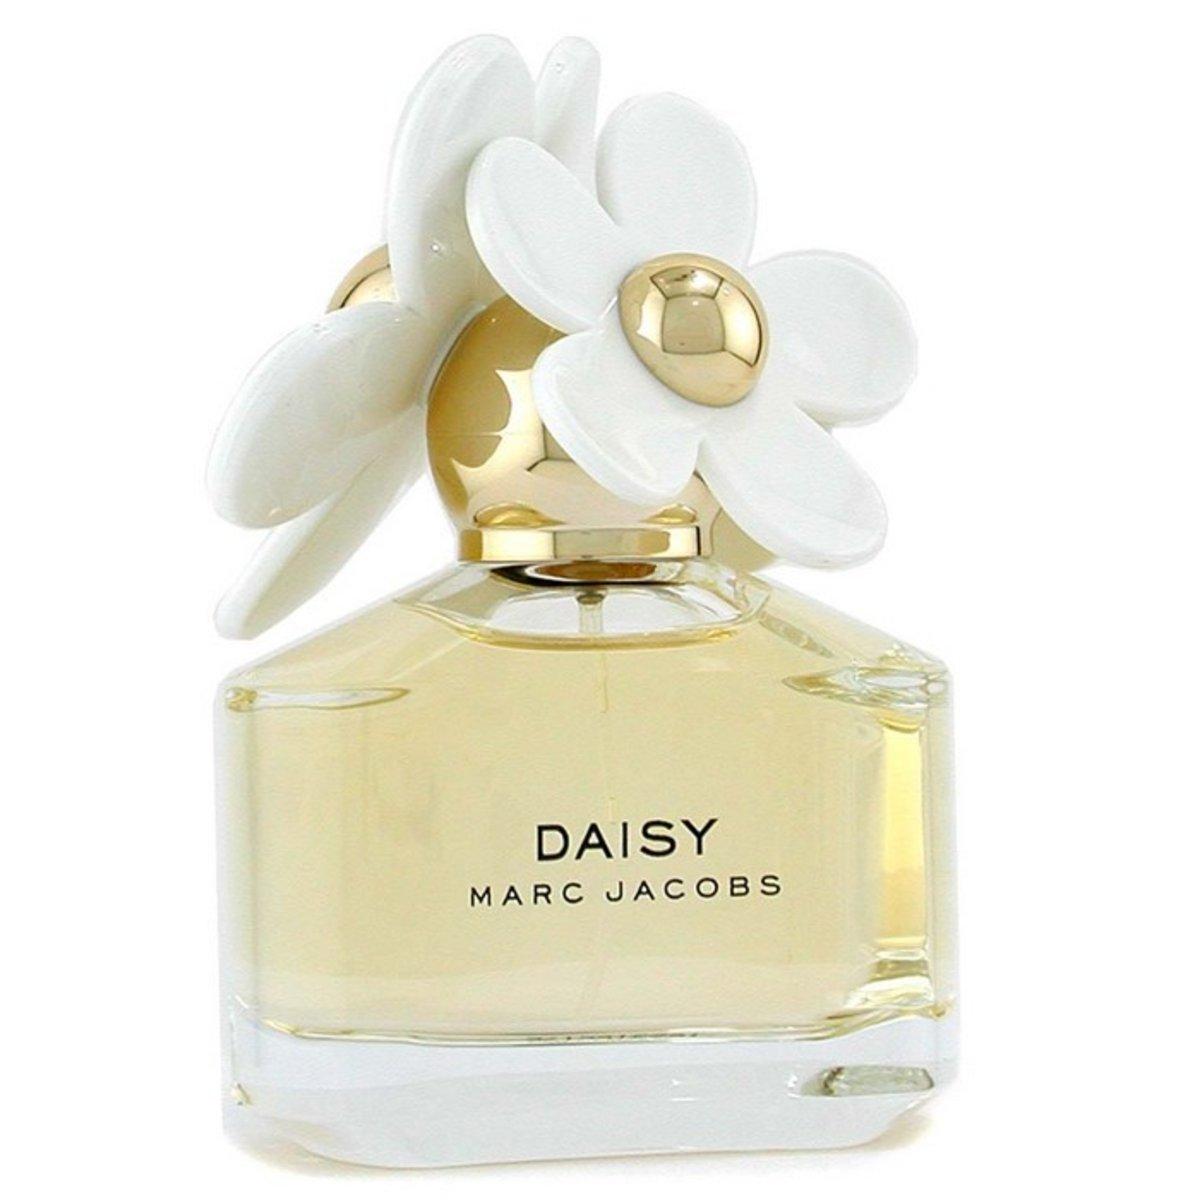 Marc jacobs daisy eau de toilette spray hktvmall online shopping daisy eau de toilette spray izmirmasajfo Image collections